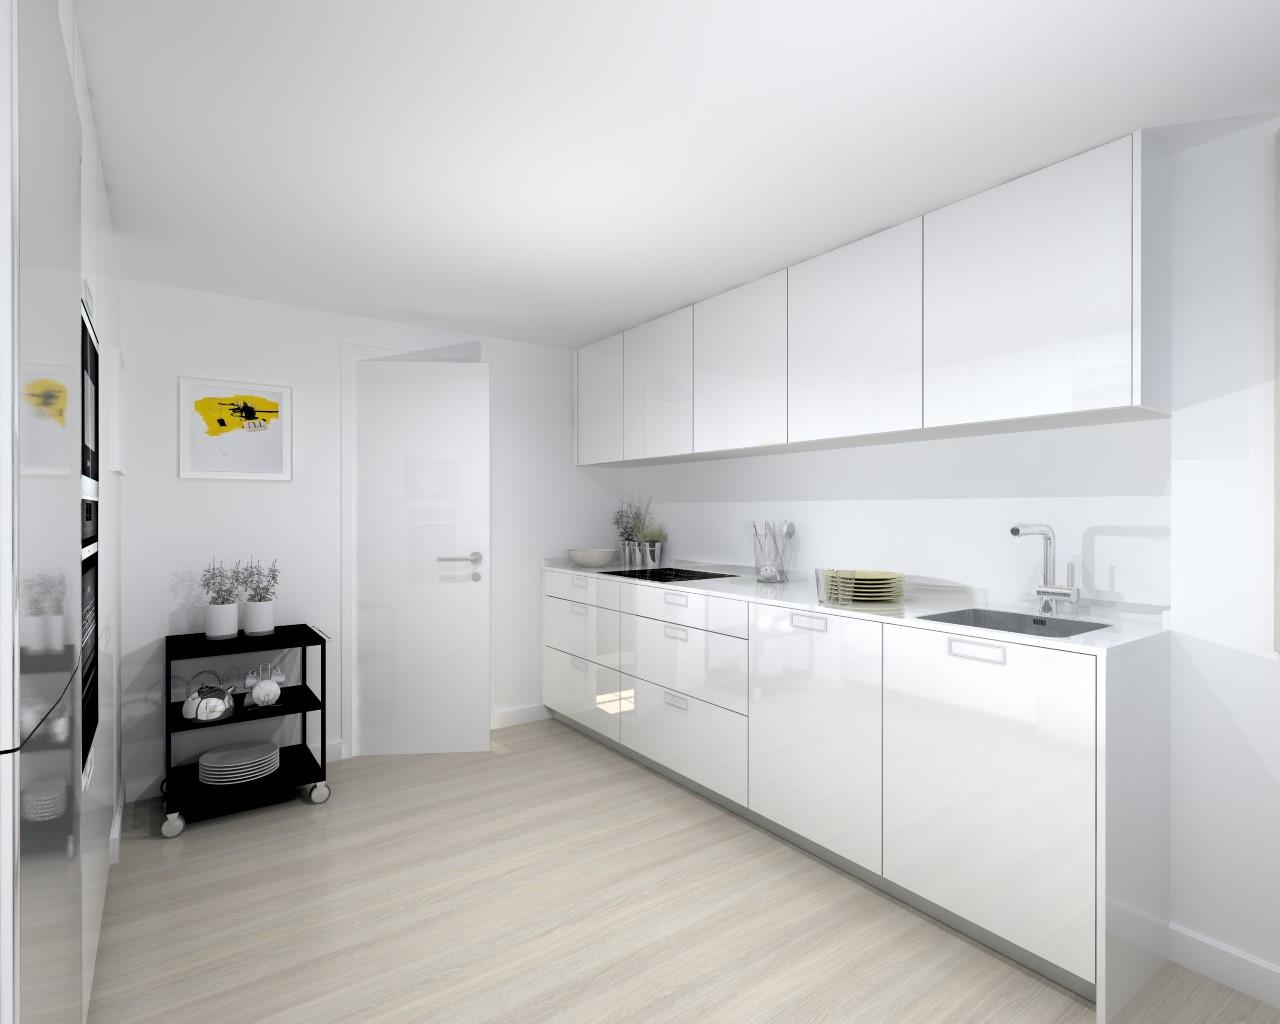 Cocina santos modelo line l blanco brillo estudio cocinas dc for Cocinas wengue y blanco